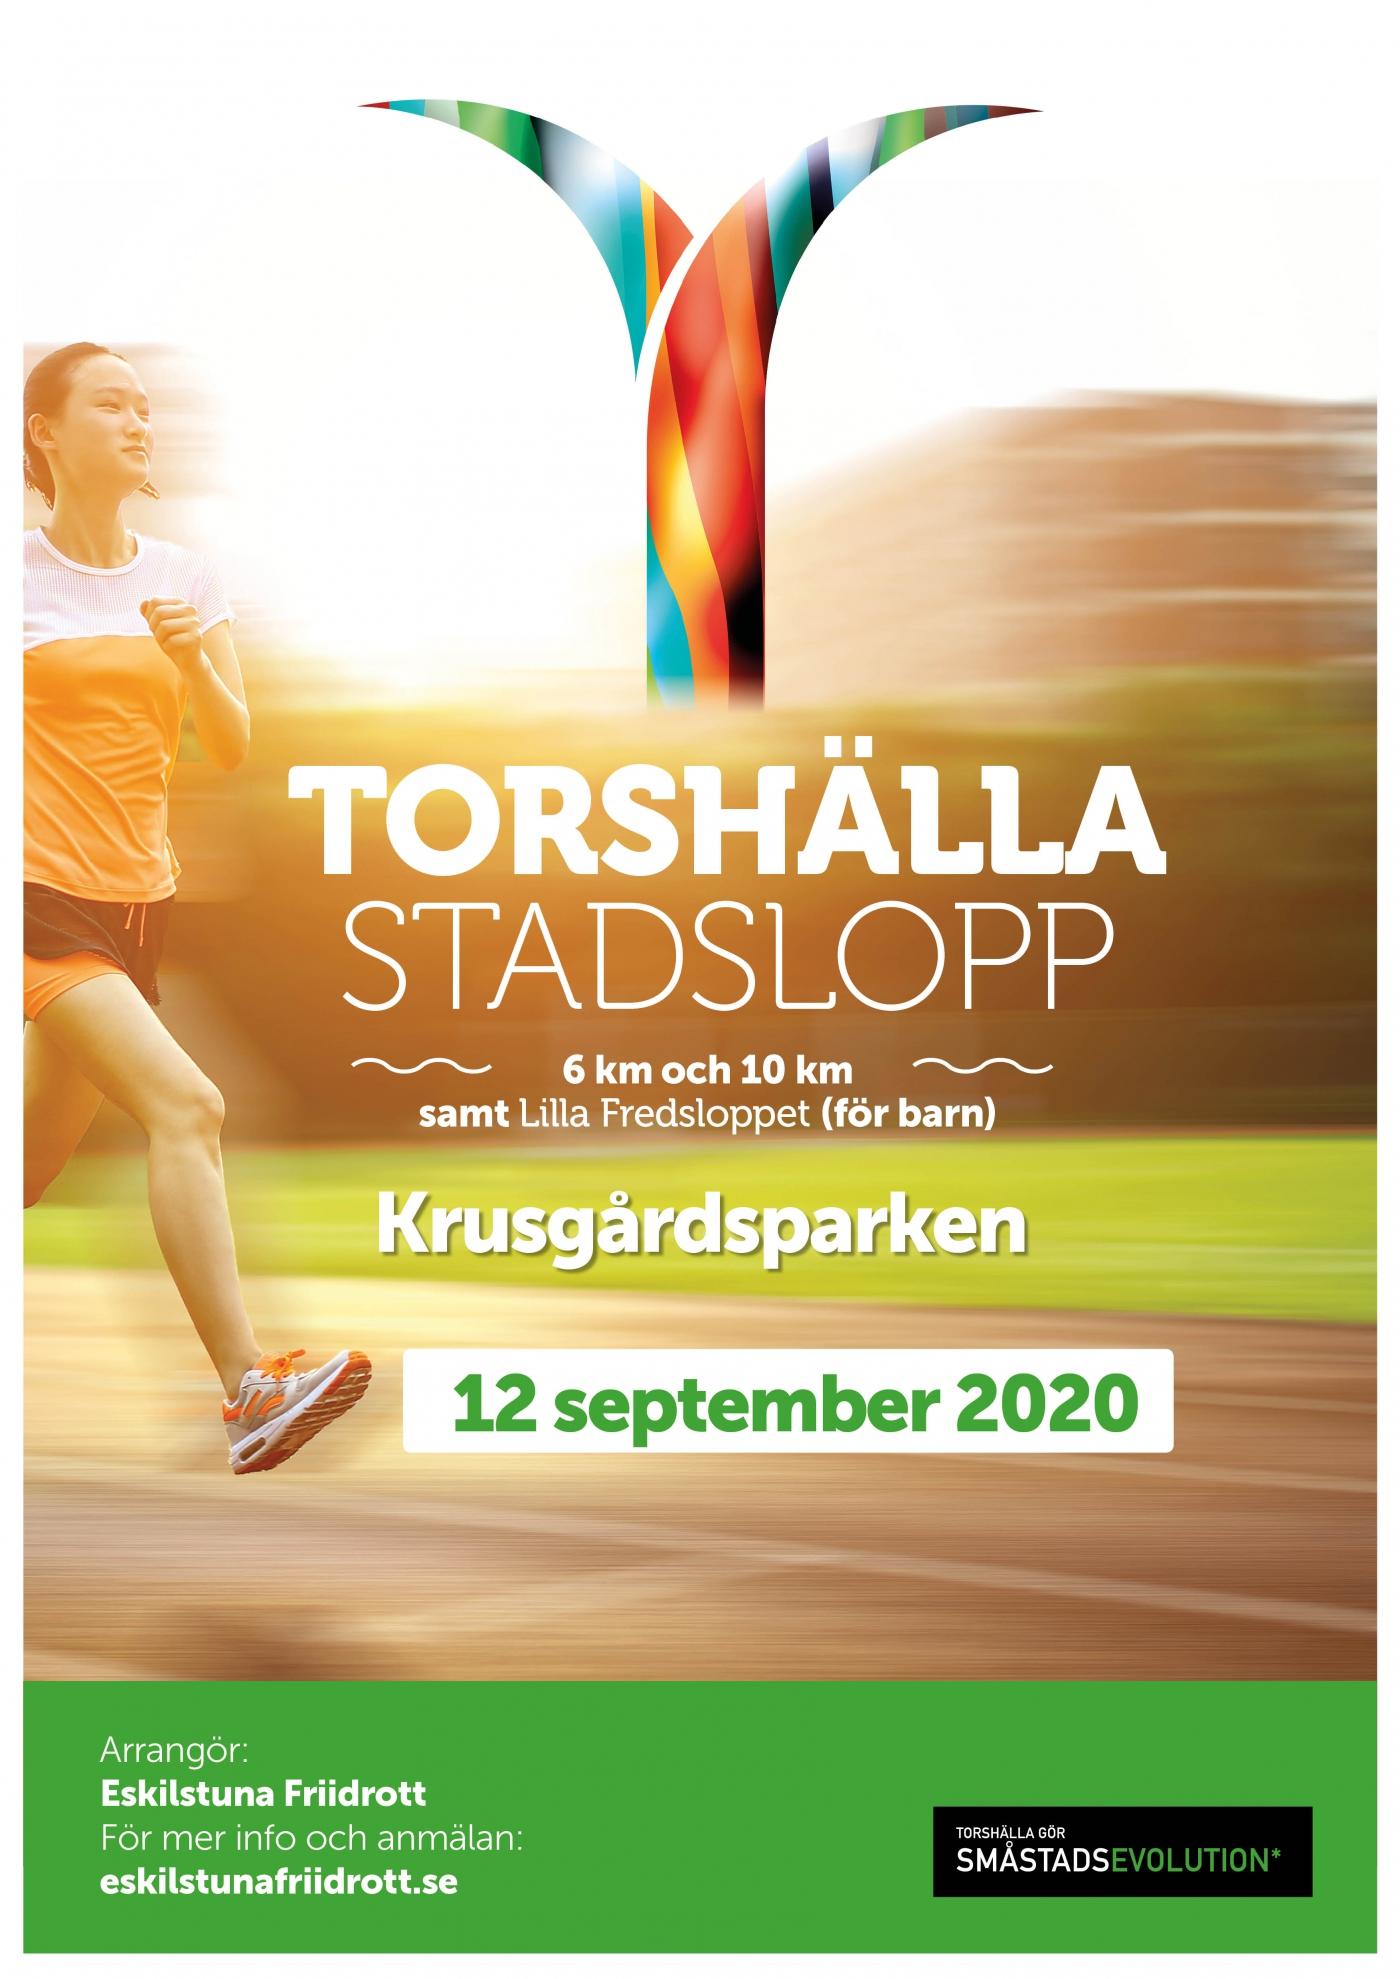 Torshälla stadslopp Lördag 12 september 2020